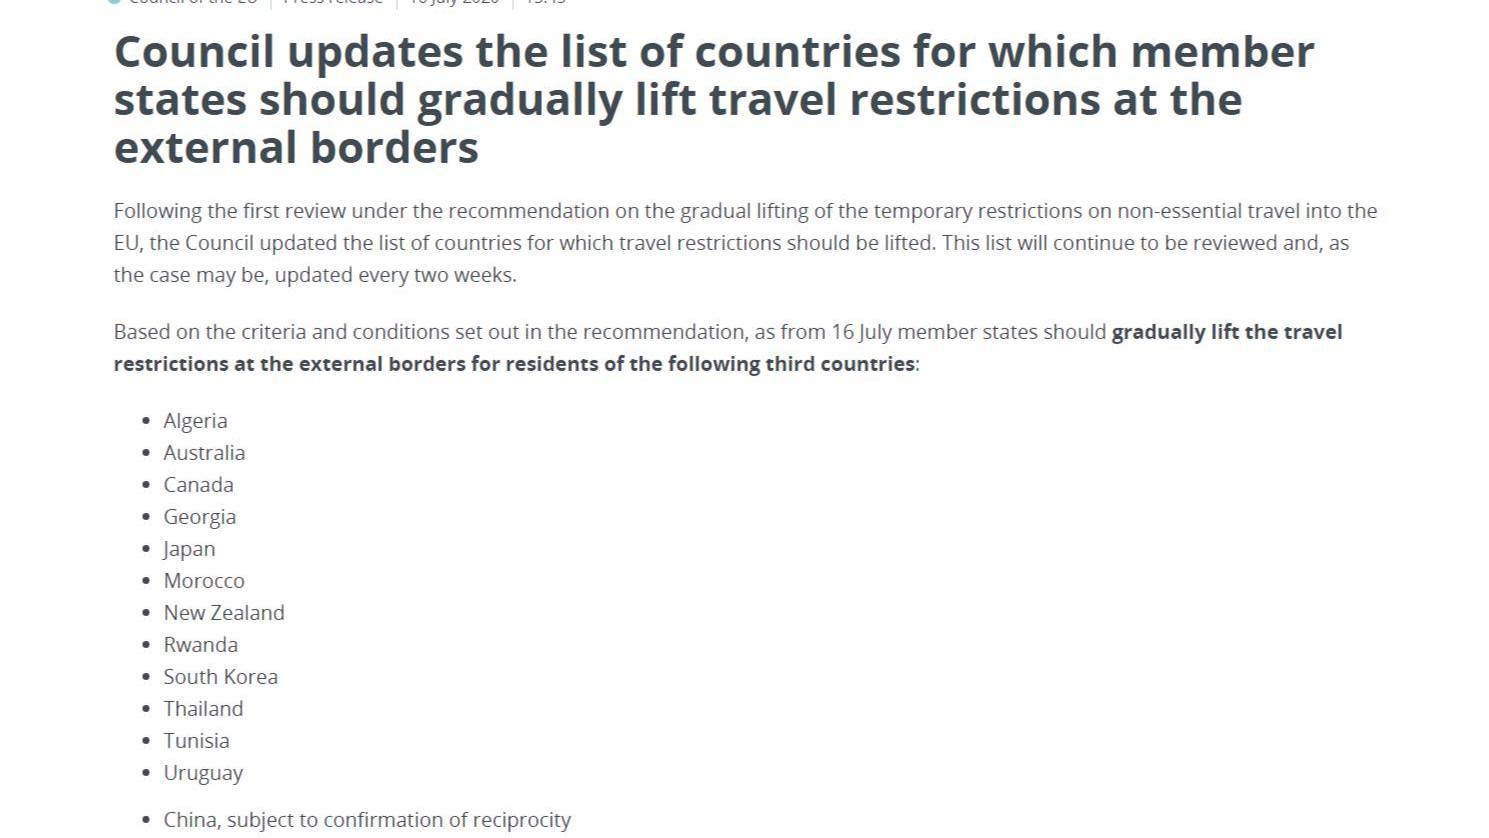 【猫头鹰刷新时间】_欧盟更新开放边界名单:对中国附带条件开放 对美国仍关闭